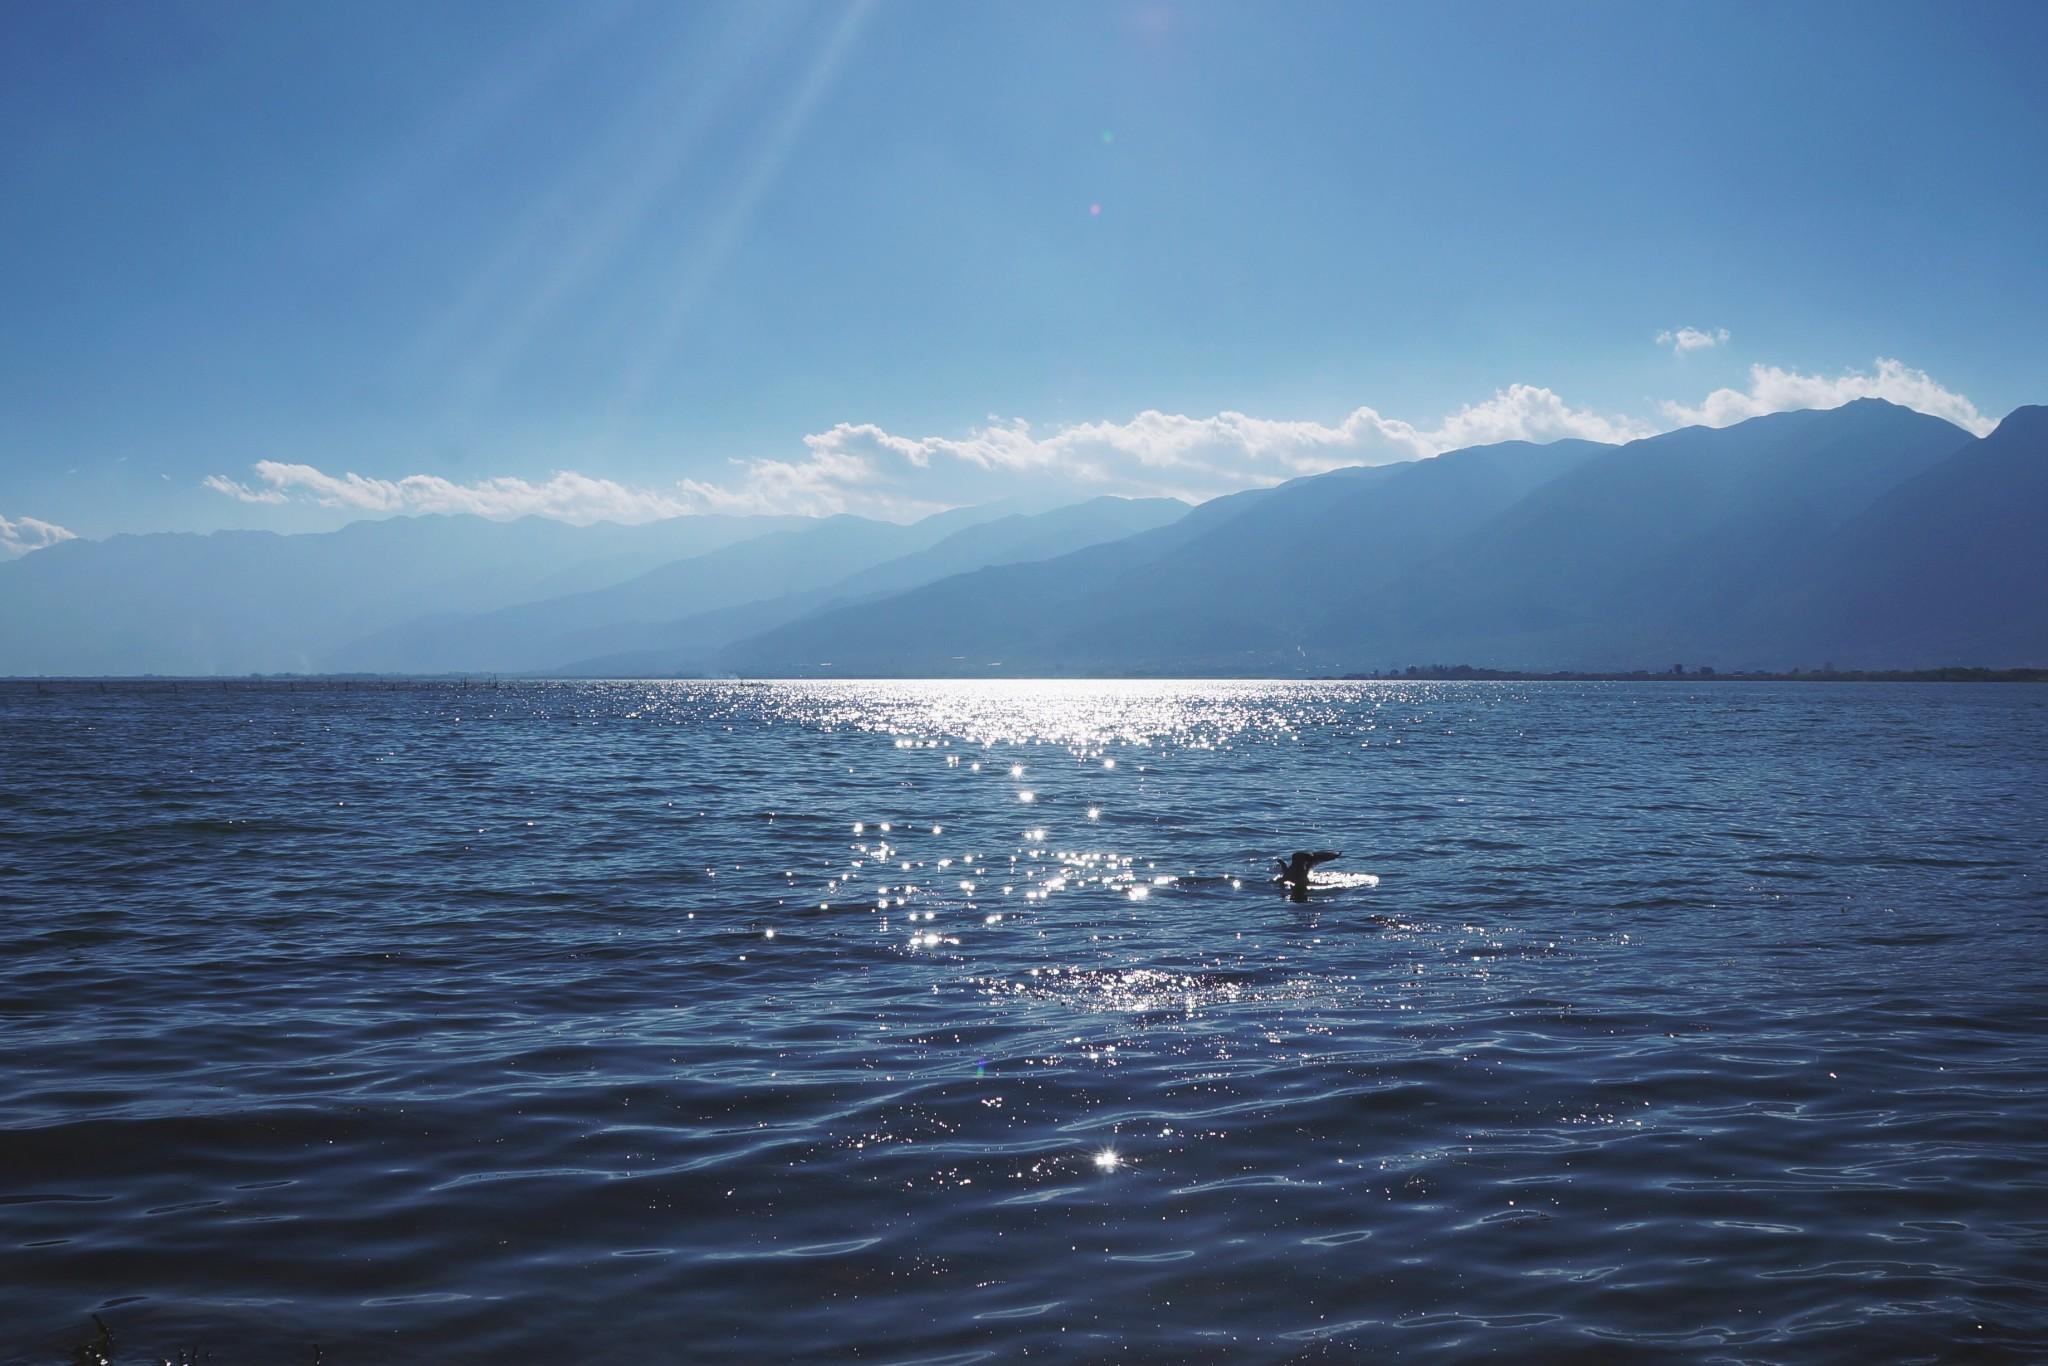 ·江湖之远,山水之乐——云南五日游记_游记